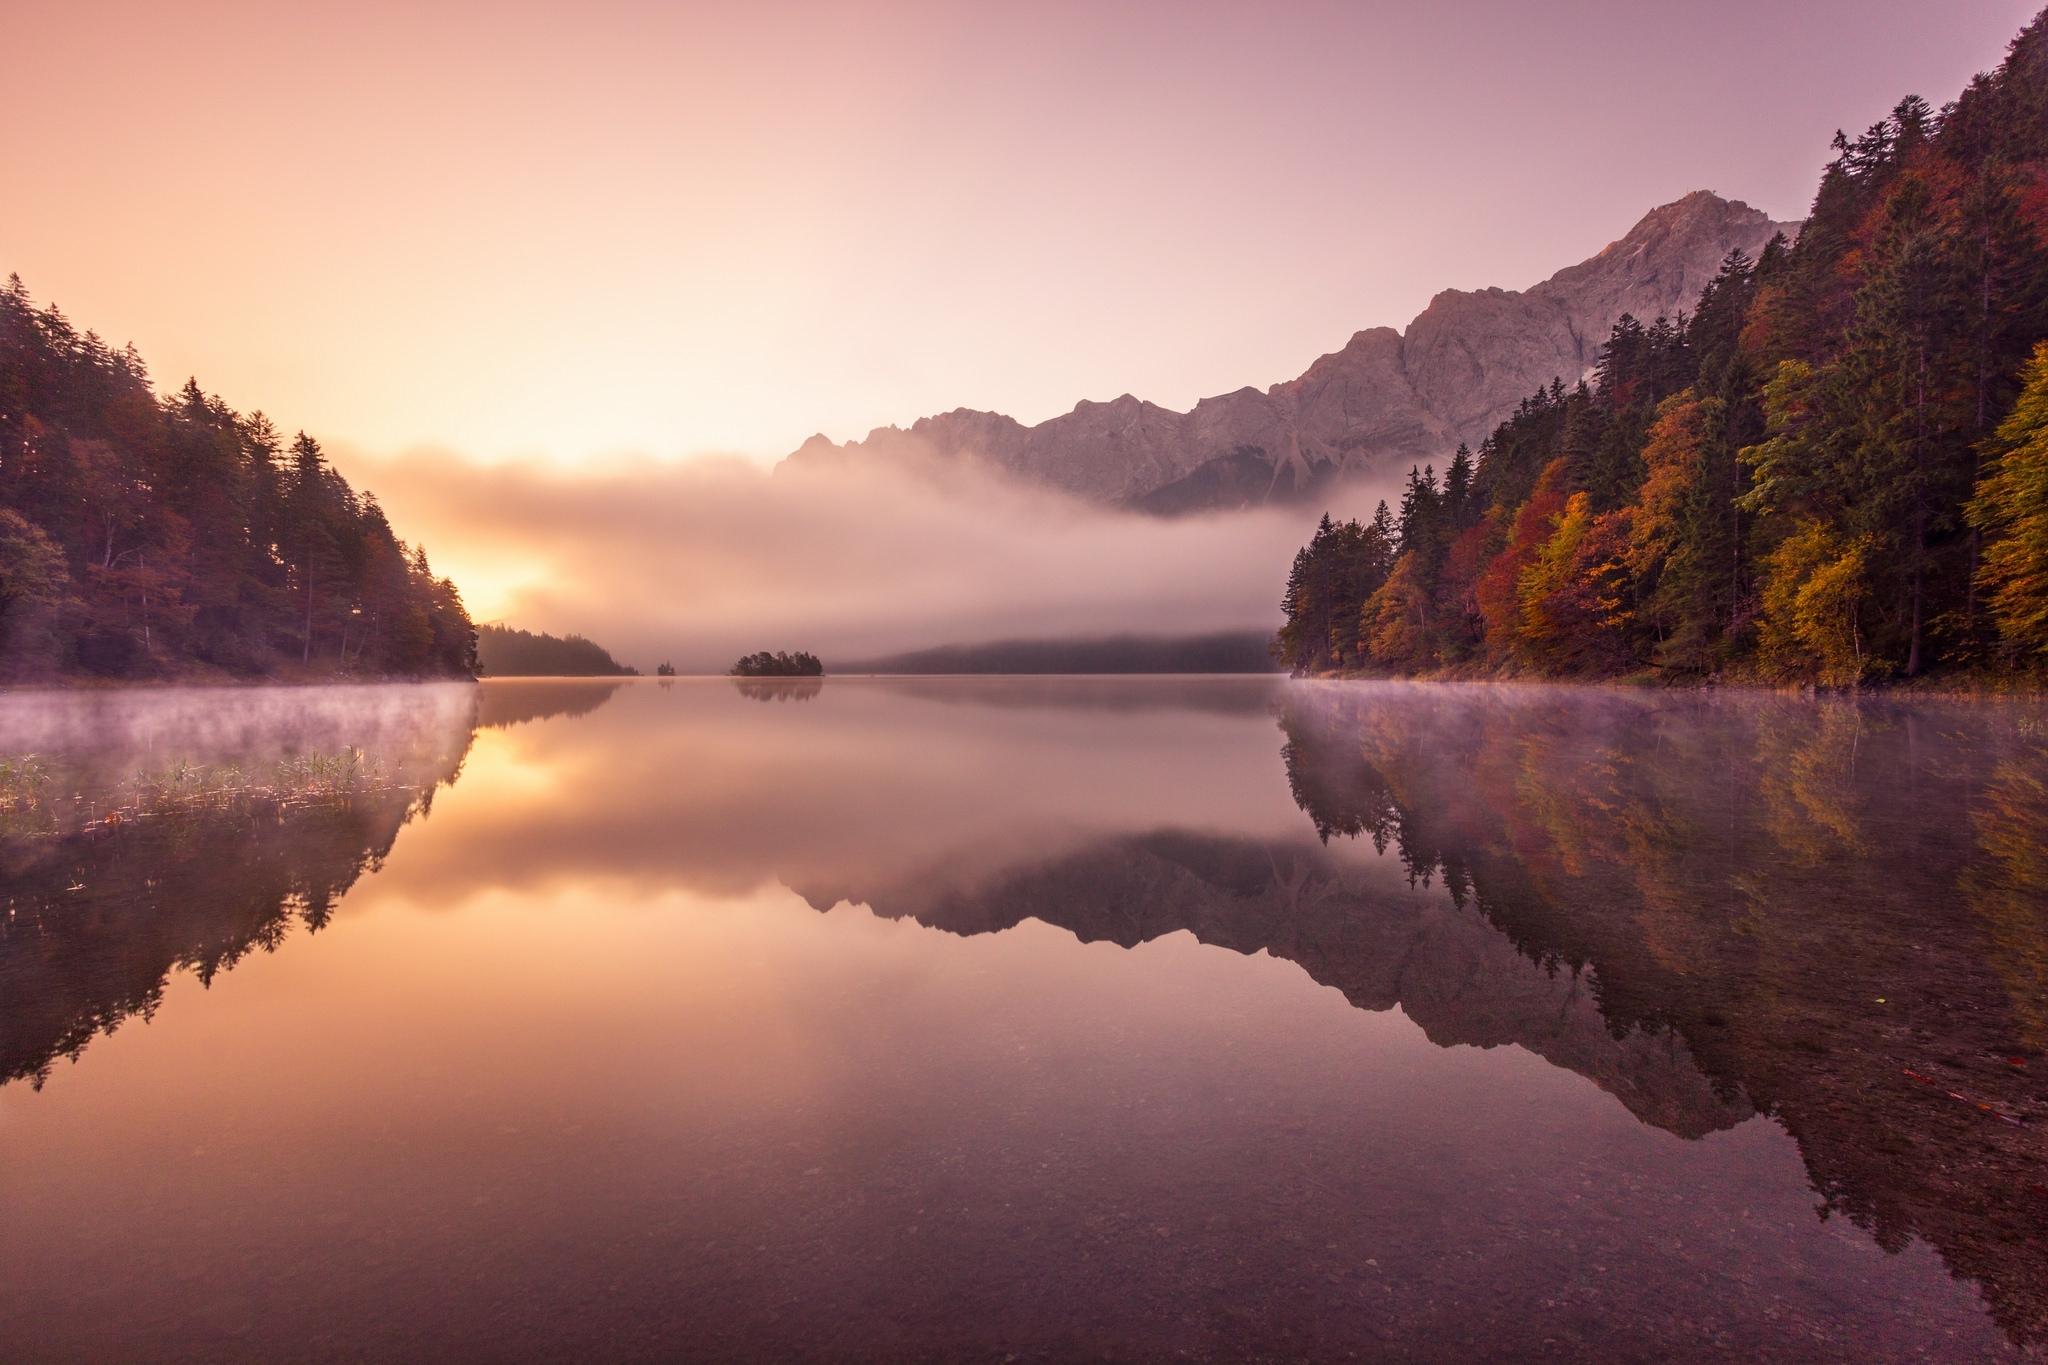 горы отражение лес туман  № 2832609 загрузить